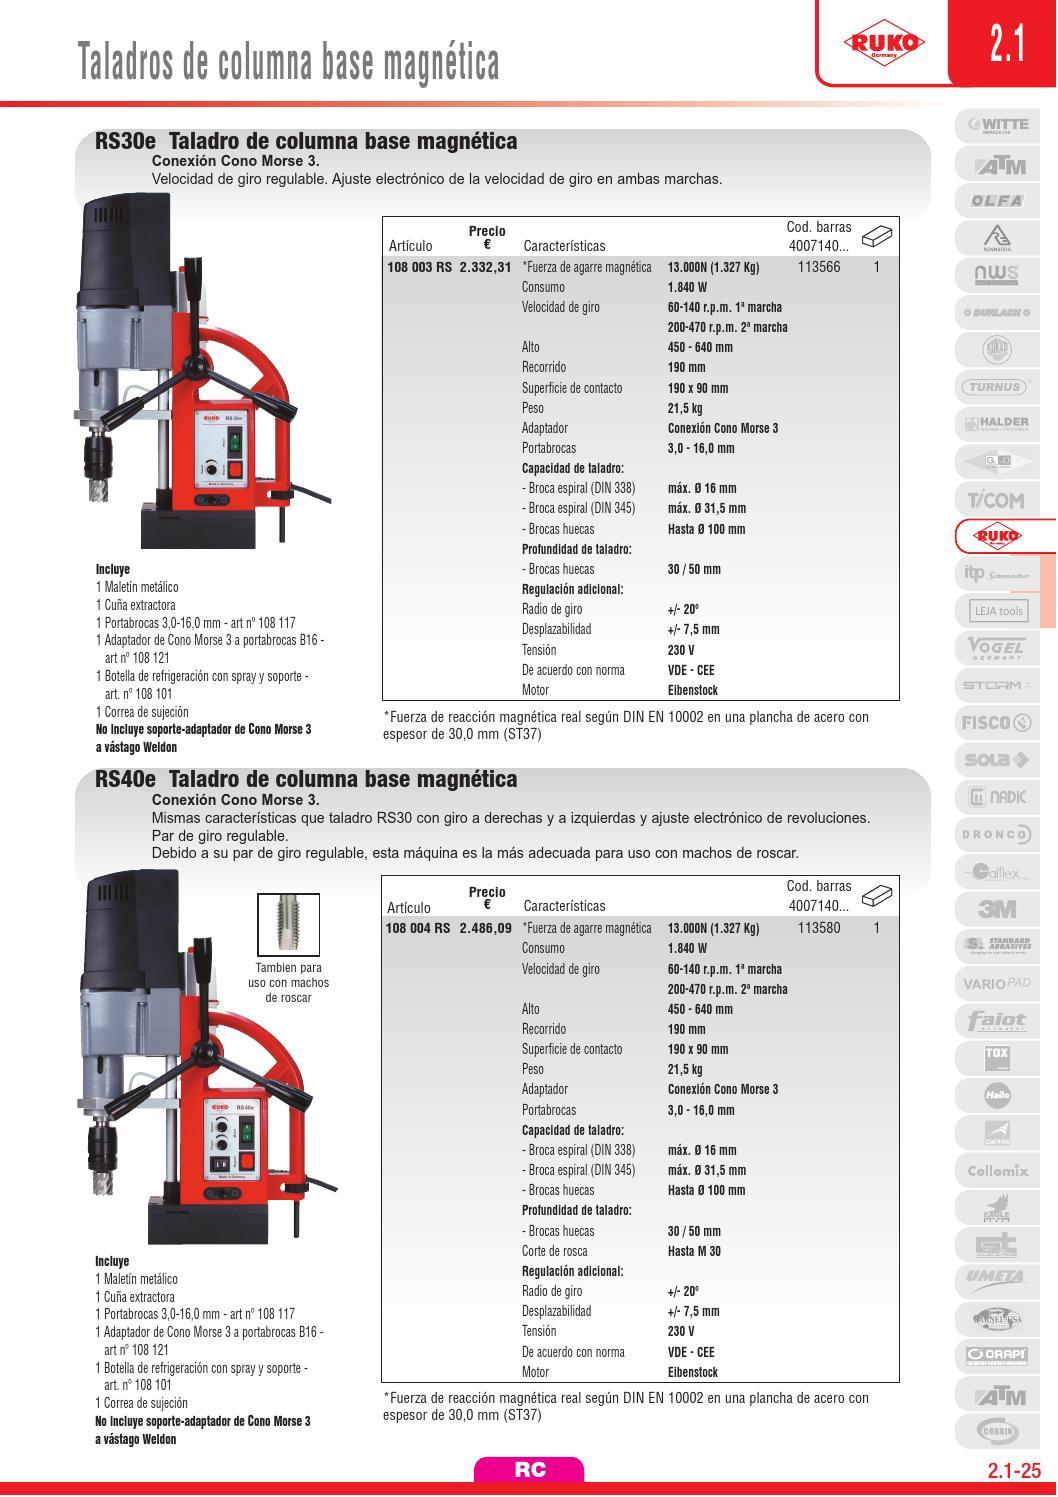 75-200 mm de nuevo Taladro de hormigón perforador din 8039 lijado Ø 4-20 mm de longitud